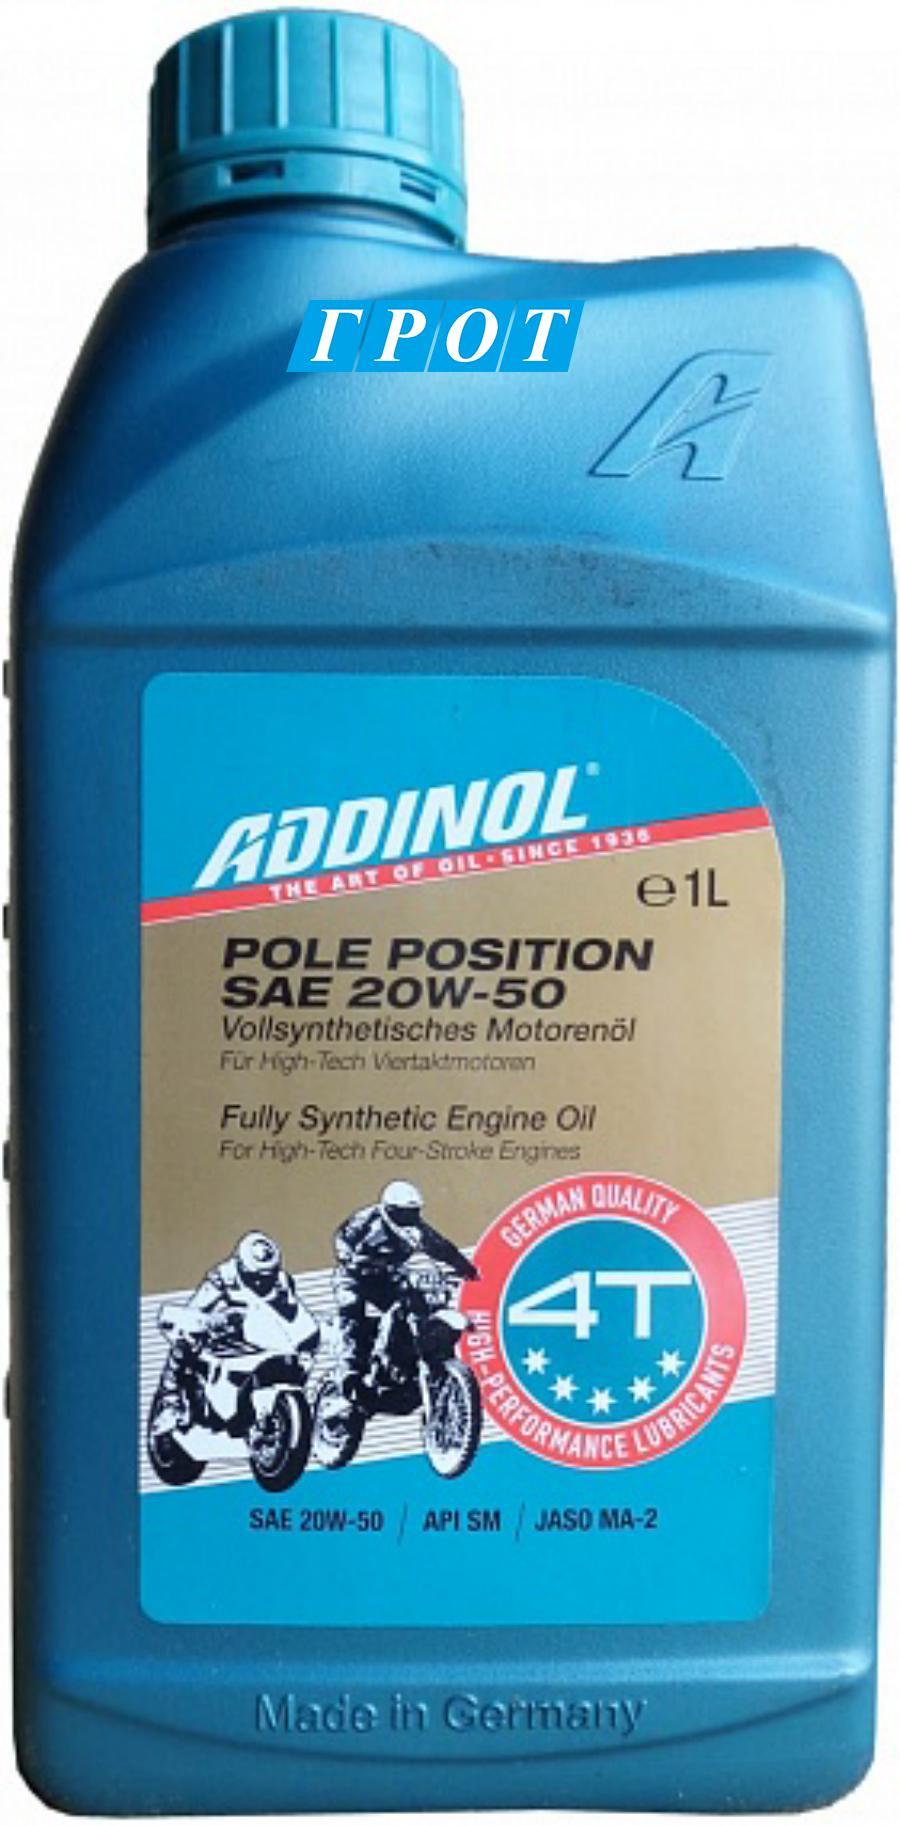 Масло моторное синтетическое Pole Position 20W-50, 1л